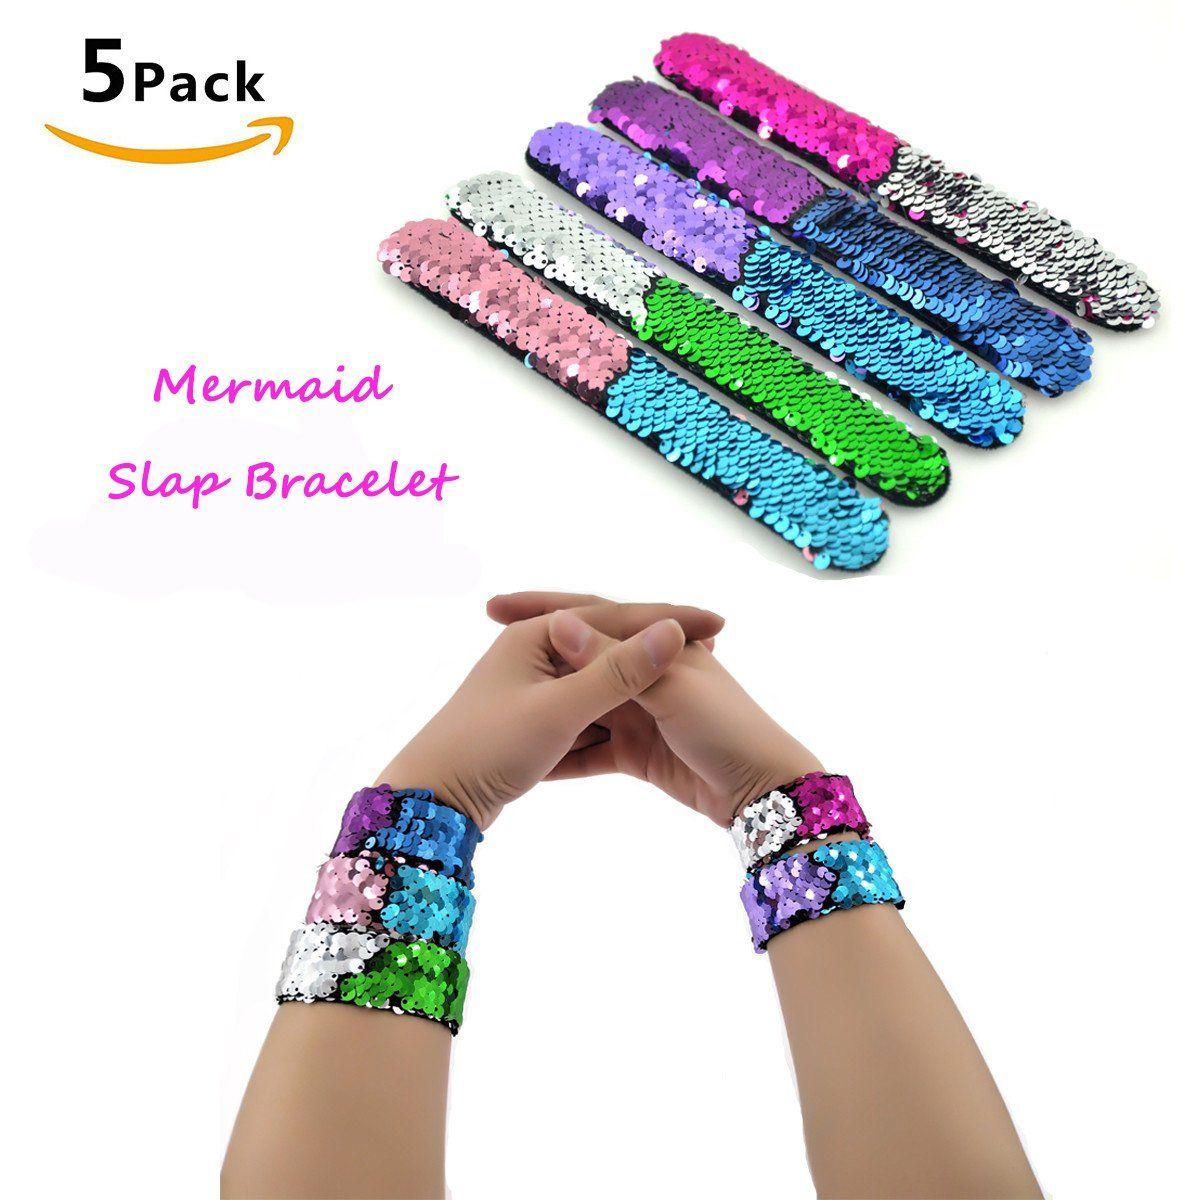 Slap bracelets color decorative charm reversible sequin mermaid